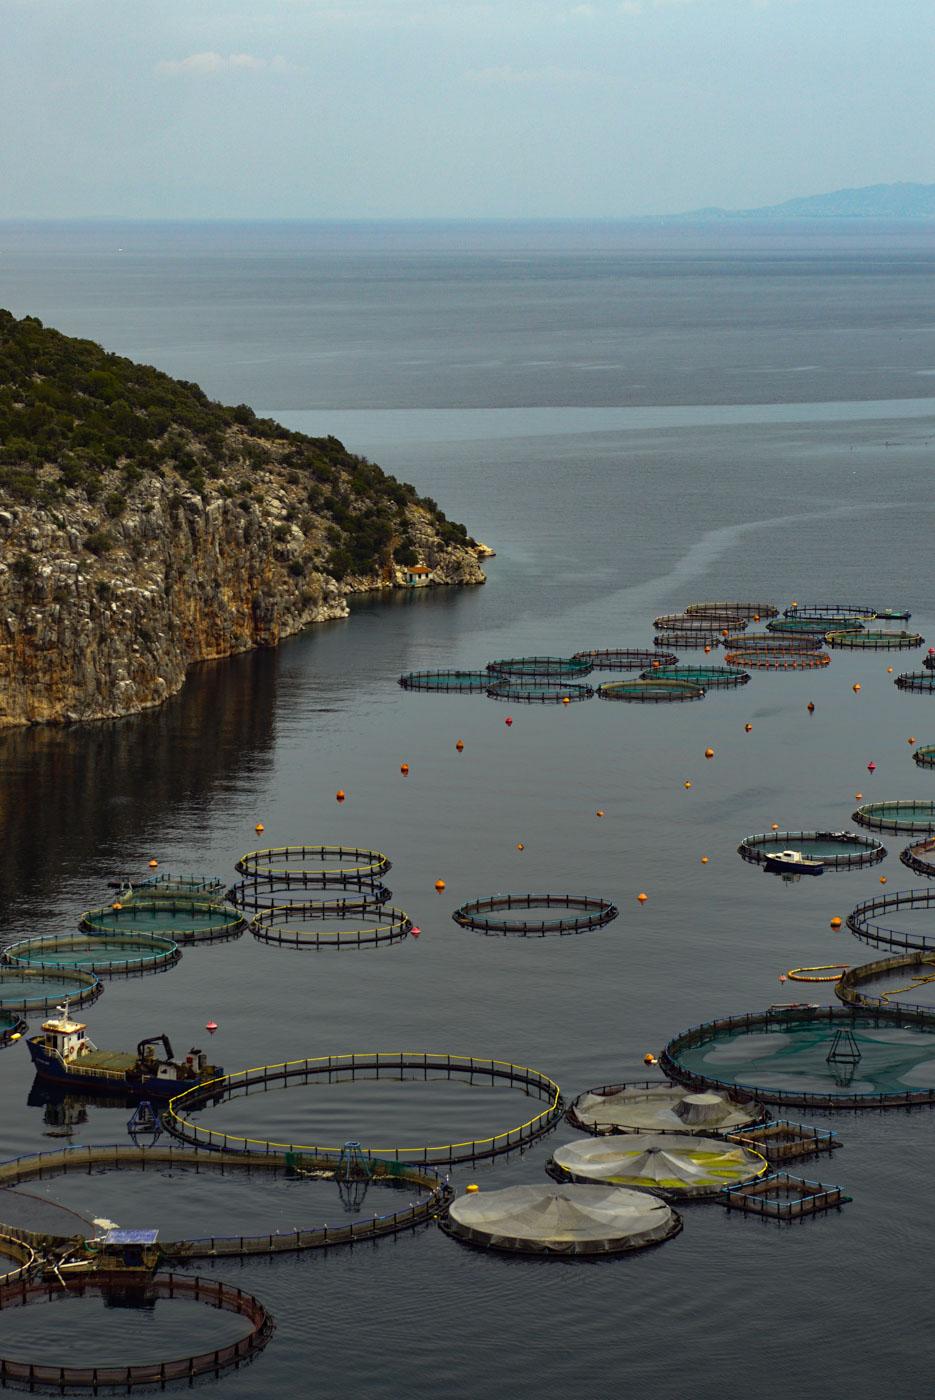 Blick in eine Bucht mit vielen Runden Fischfarmen